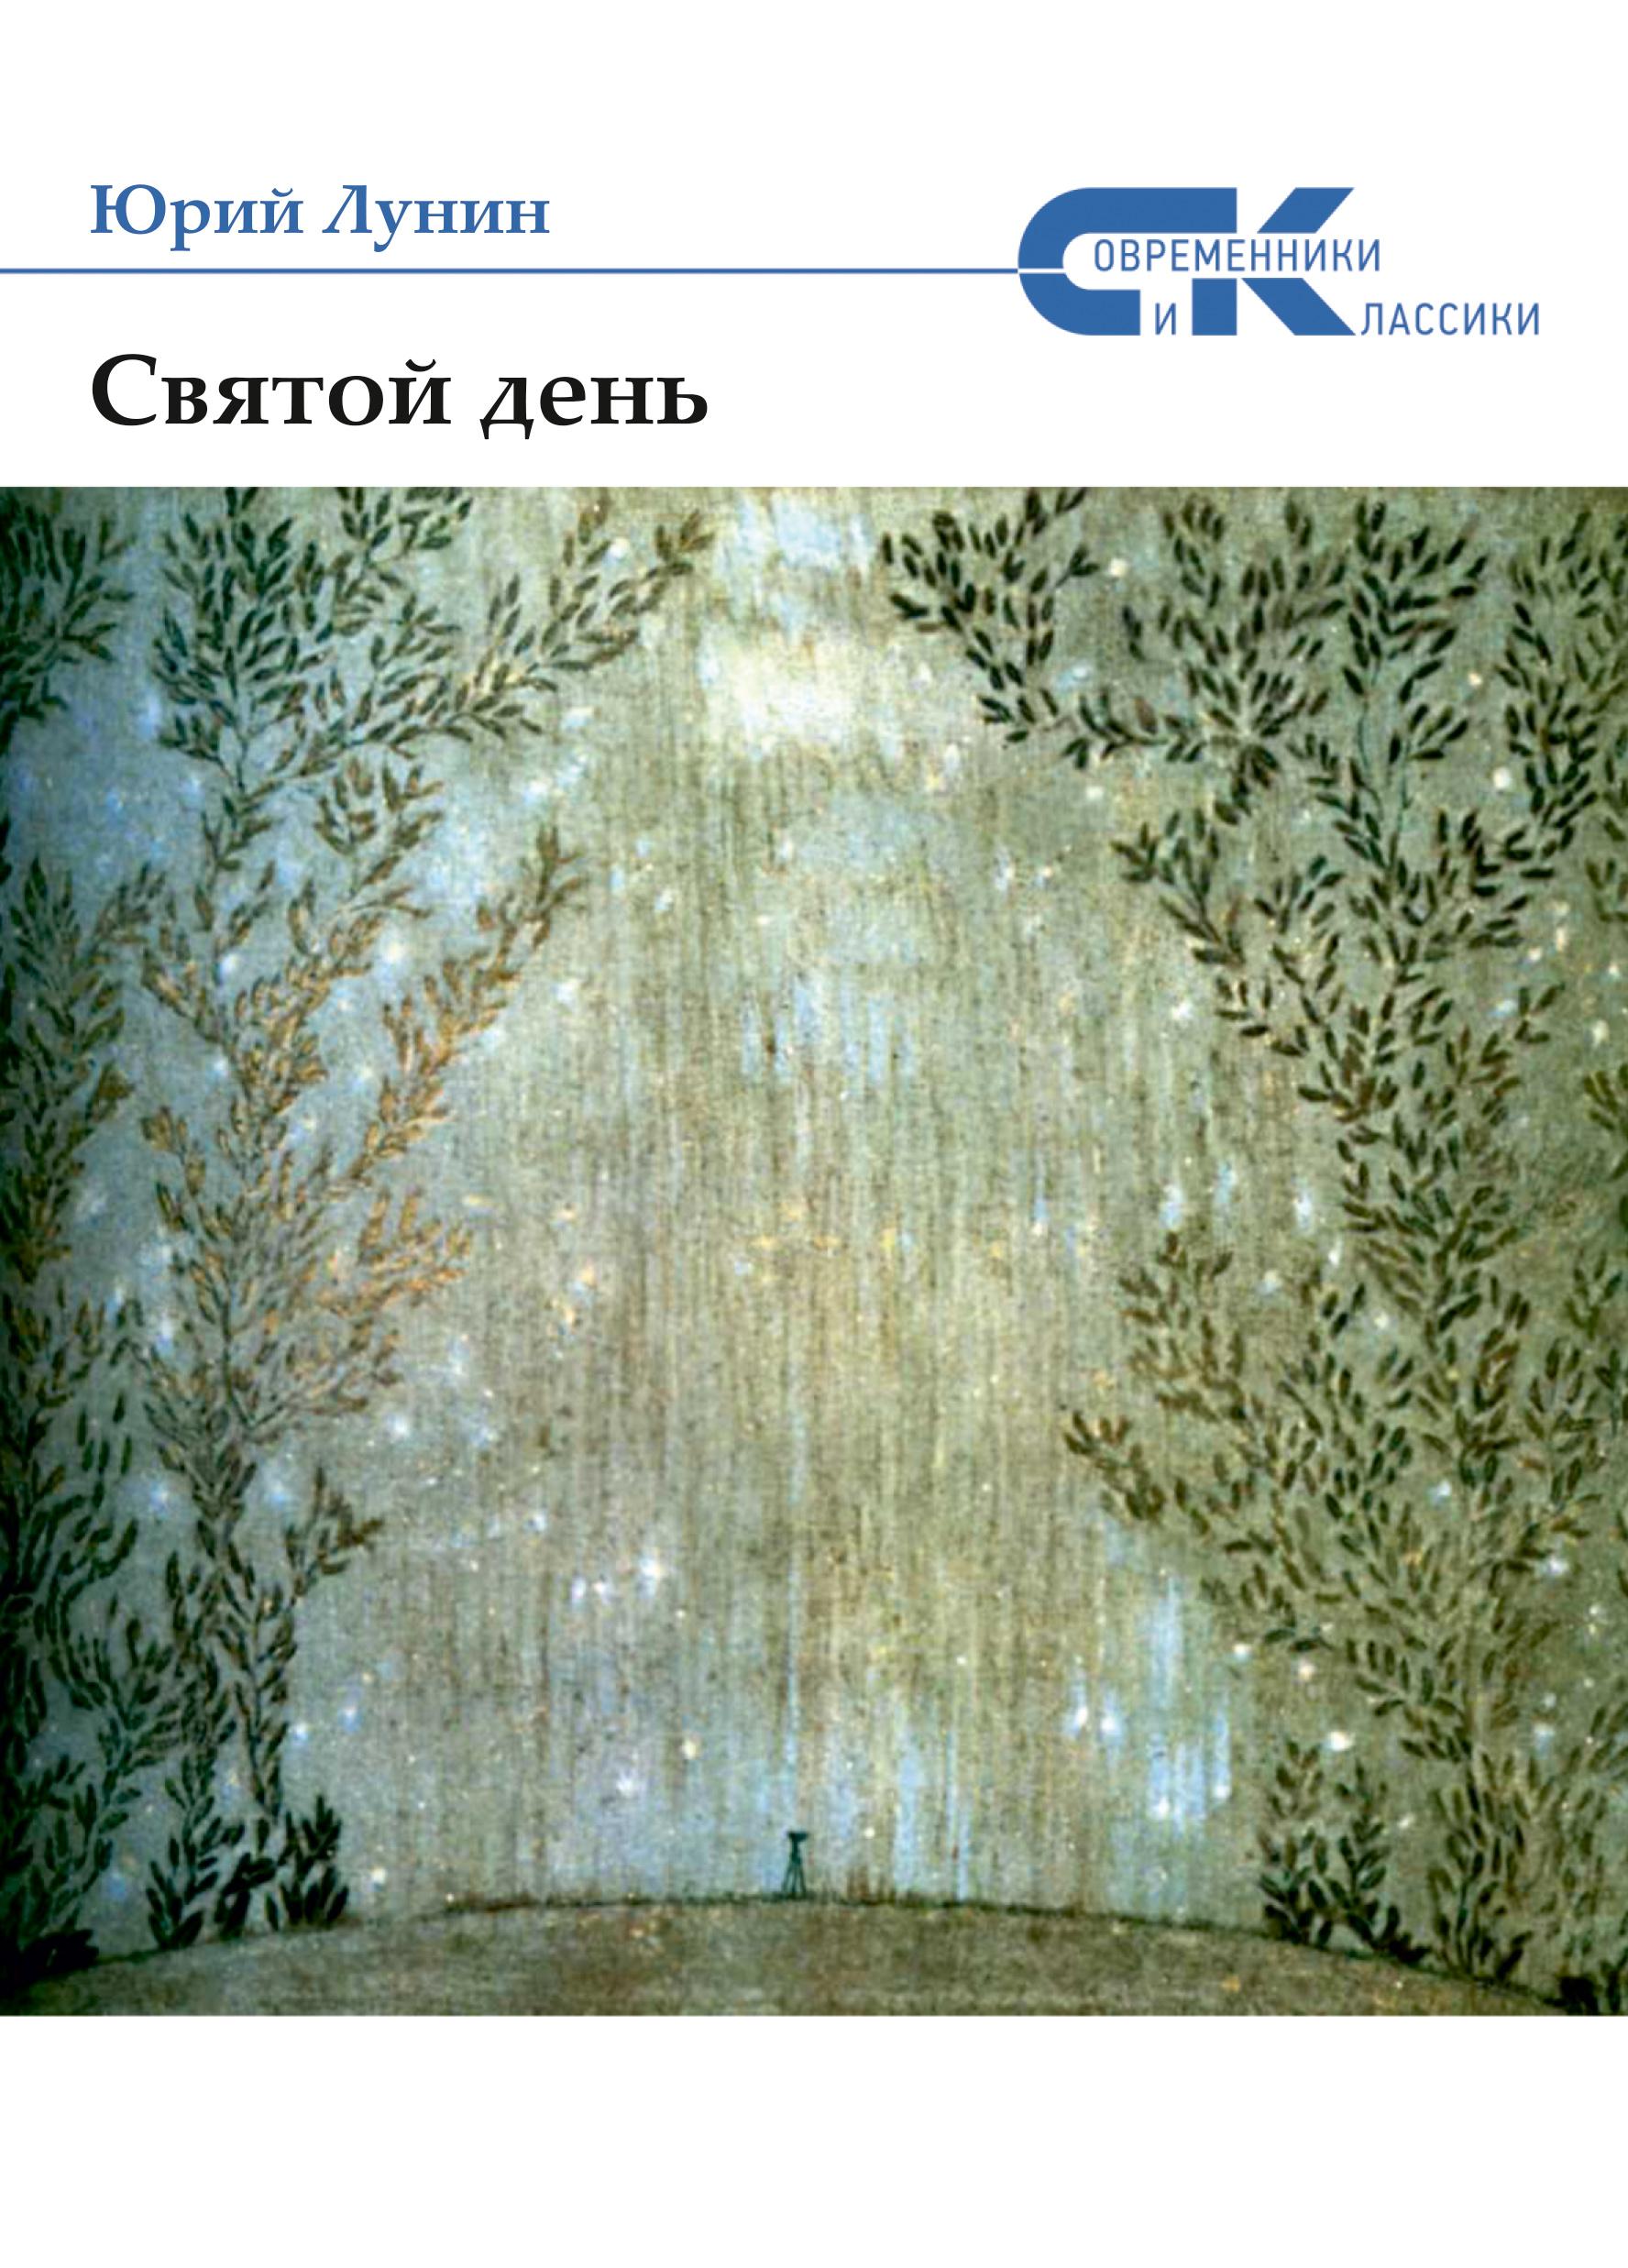 Юрий Лунин Святой день (сборник)